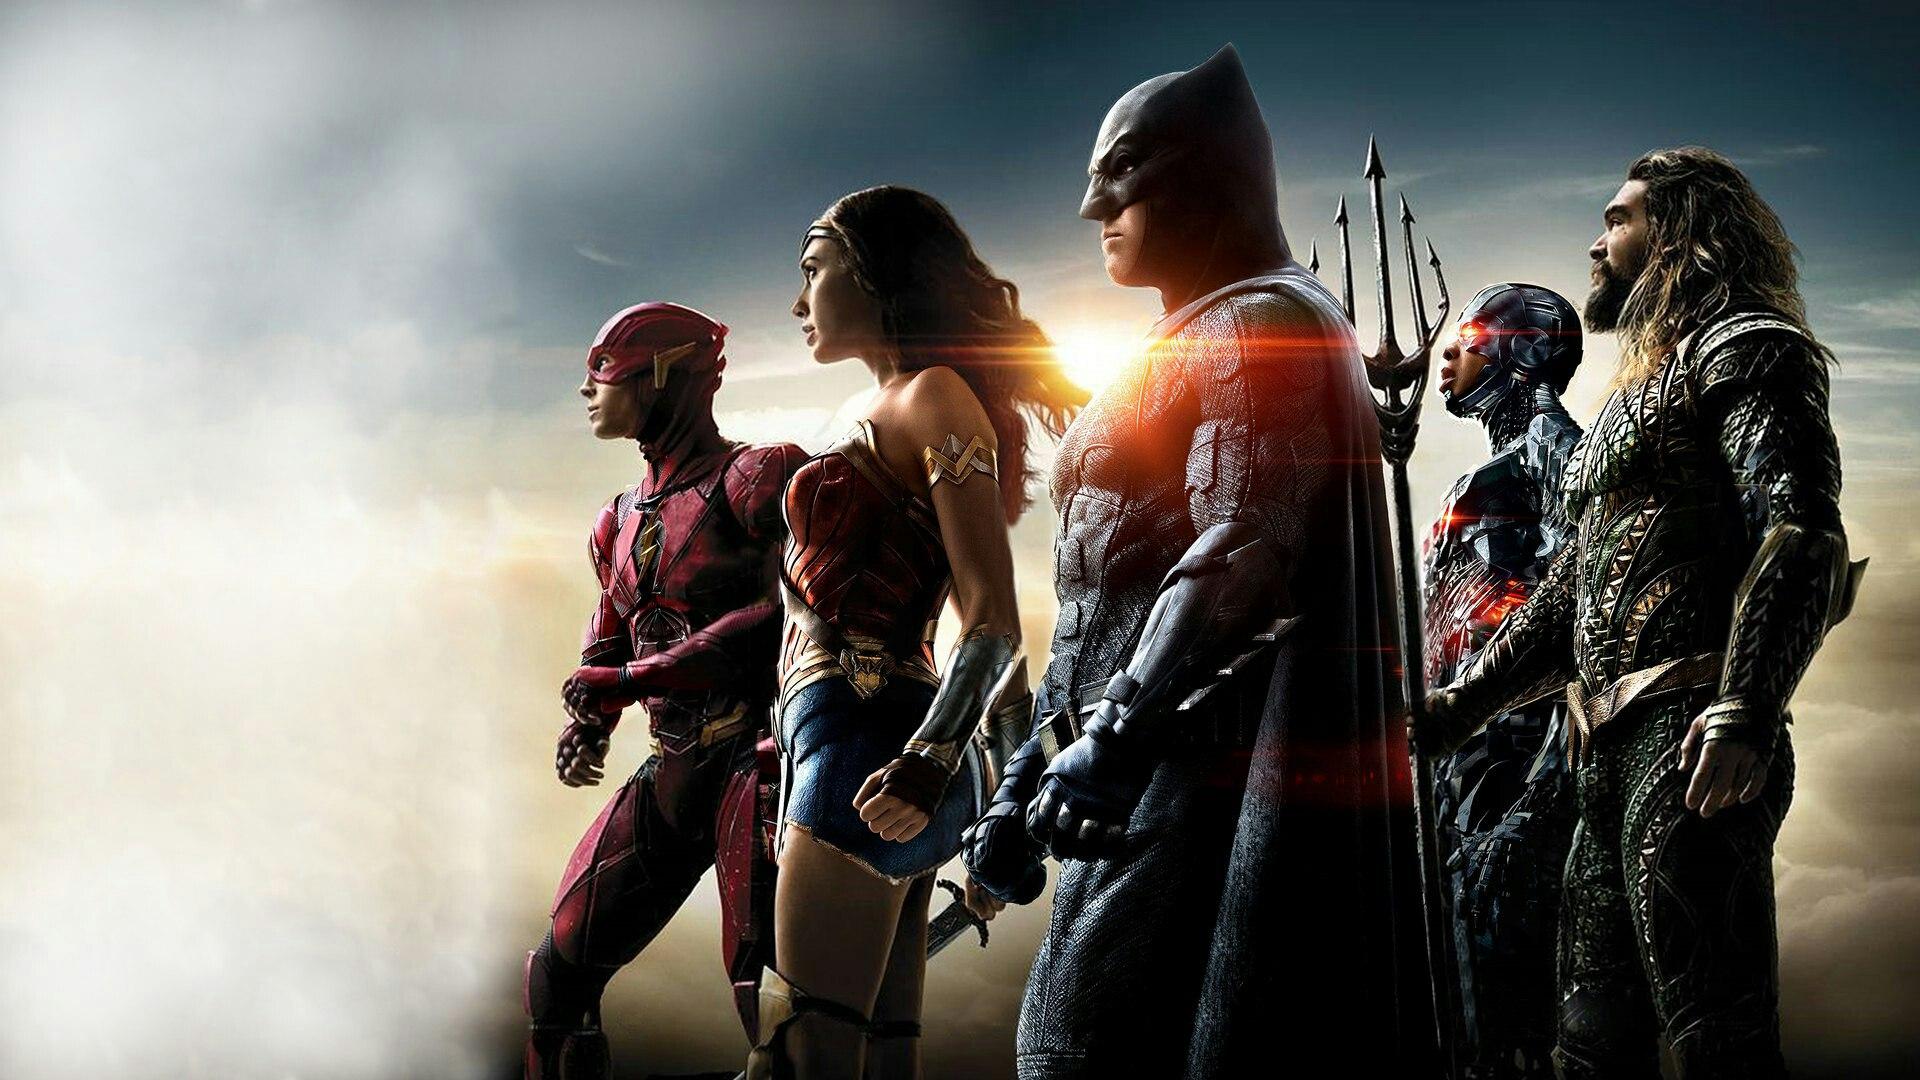 Представлены новые отрывки фильма «Лига справедливости»